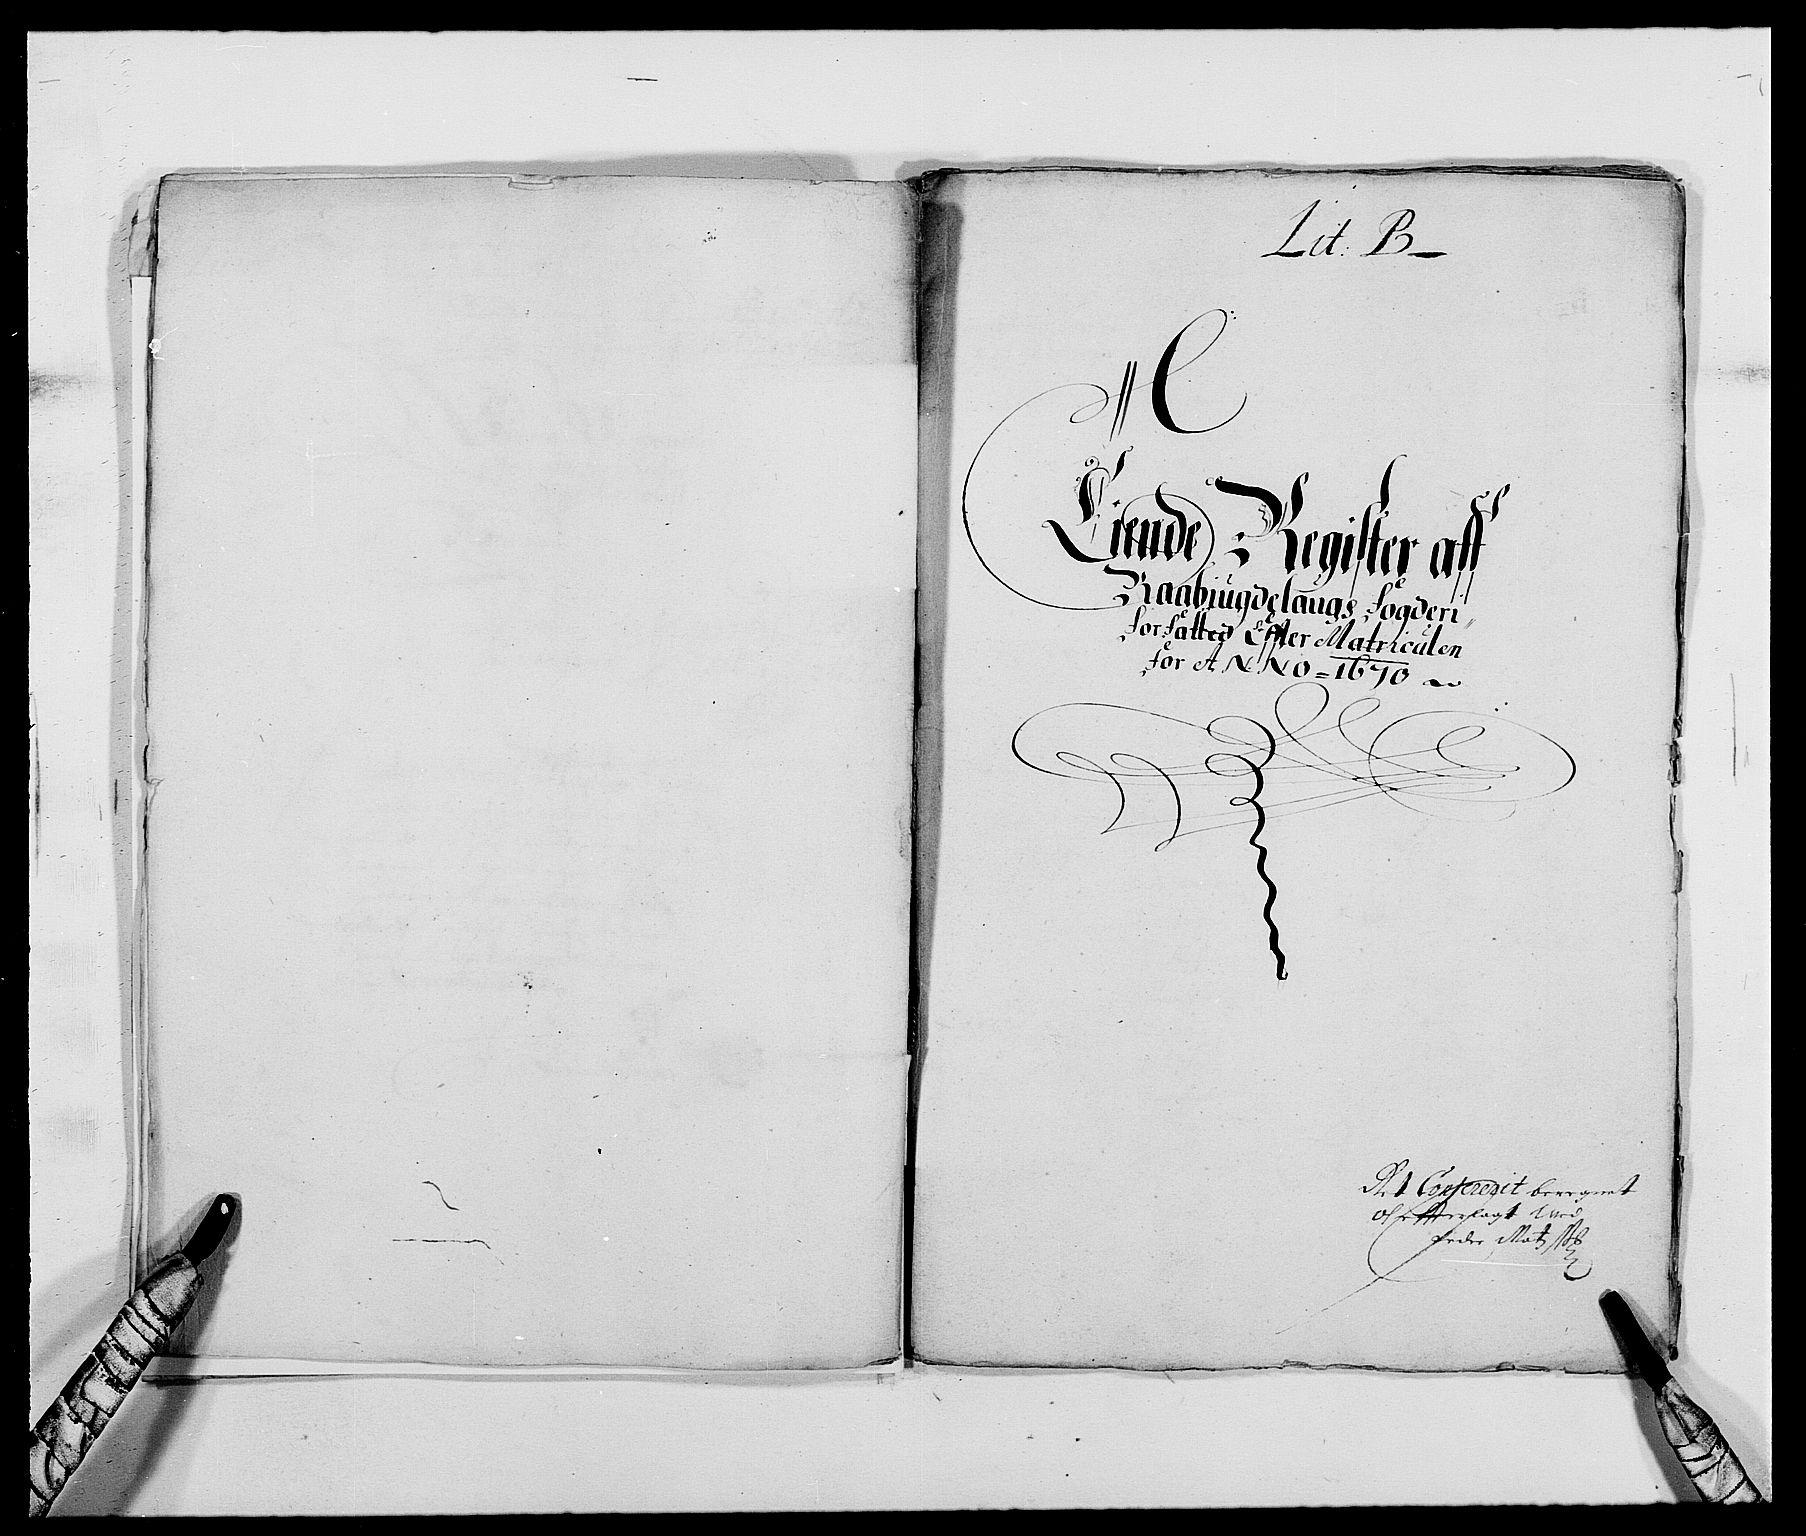 RA, Rentekammeret inntil 1814, Reviderte regnskaper, Fogderegnskap, R40/L2432: Fogderegnskap Råbyggelag, 1669-1670, s. 139